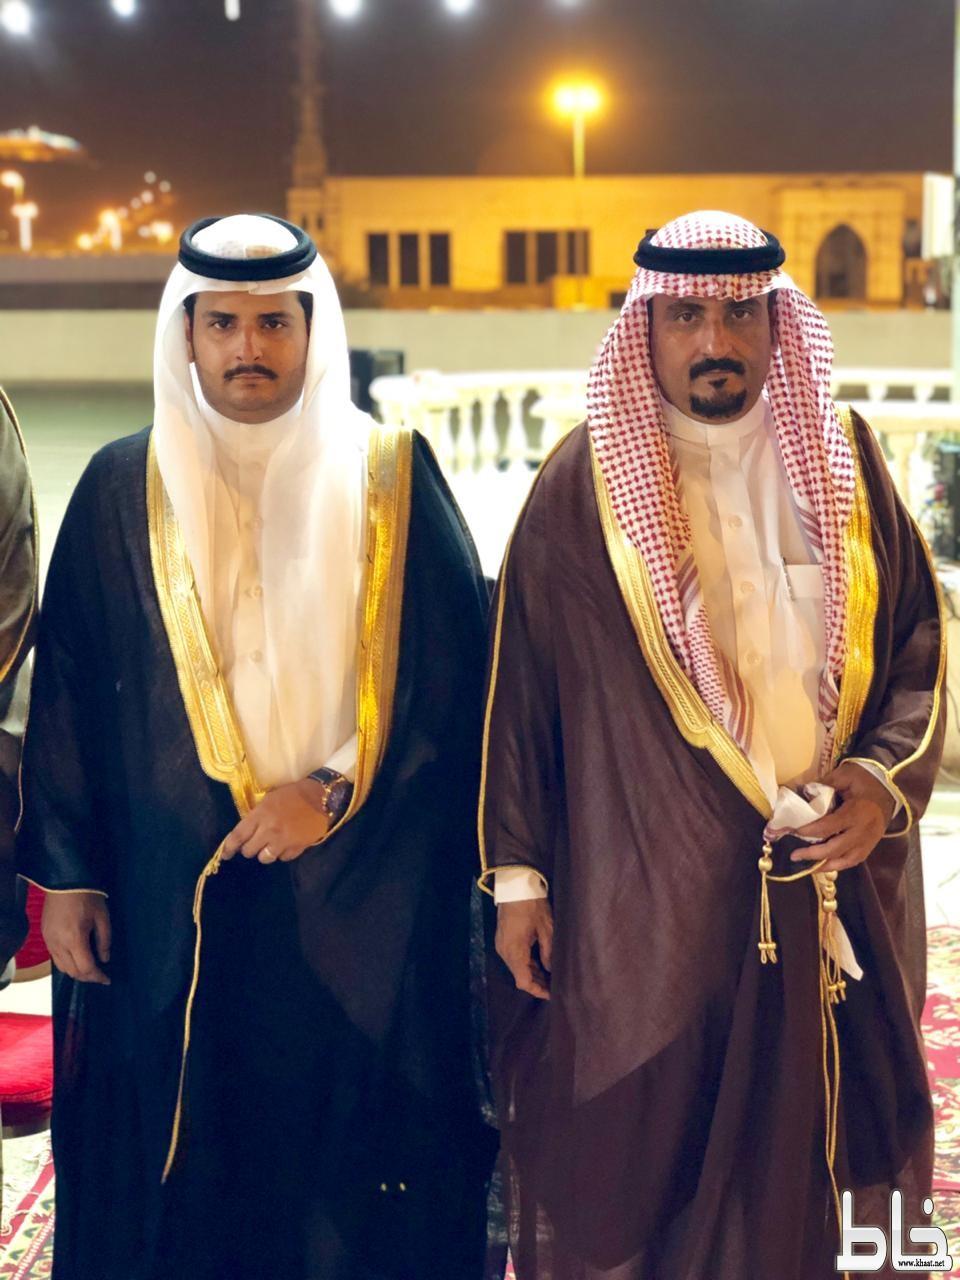 """الشيخ علي موسى بن راشد يحتفل بزواج ابنه """" موسى """""""